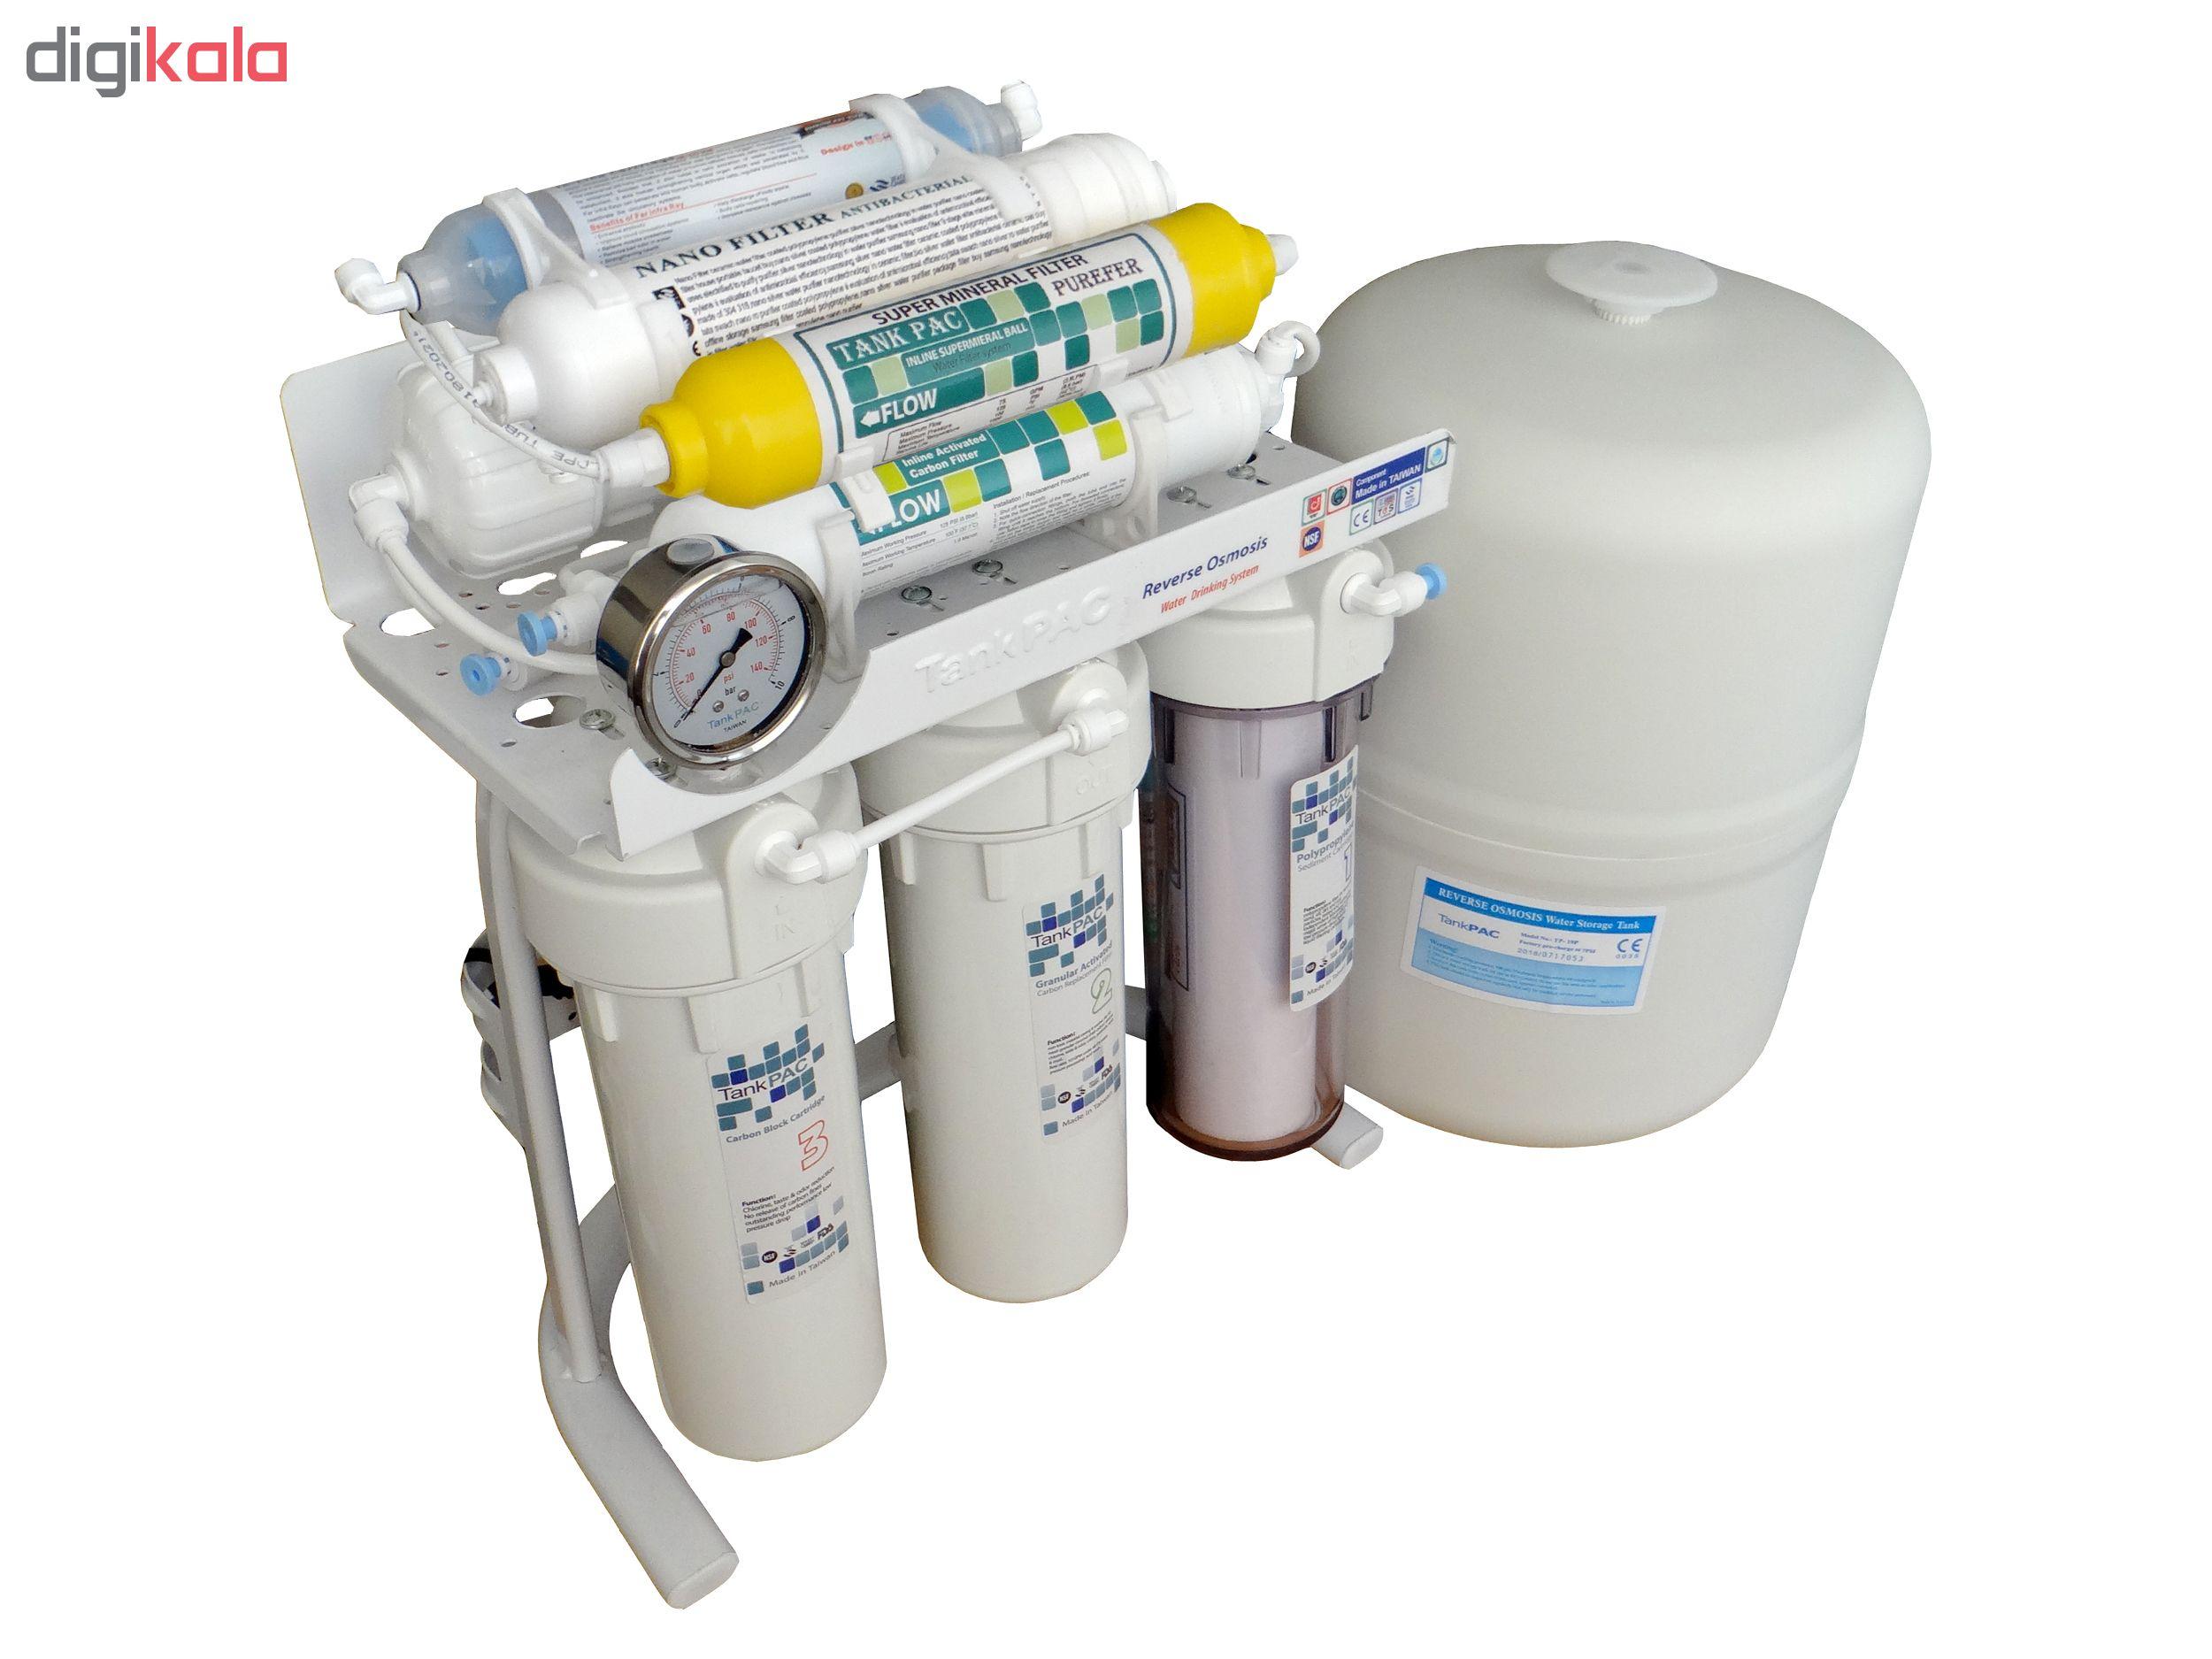 دستگاه تصفیه آب خانگی تانک پک مدل RO-TP3600